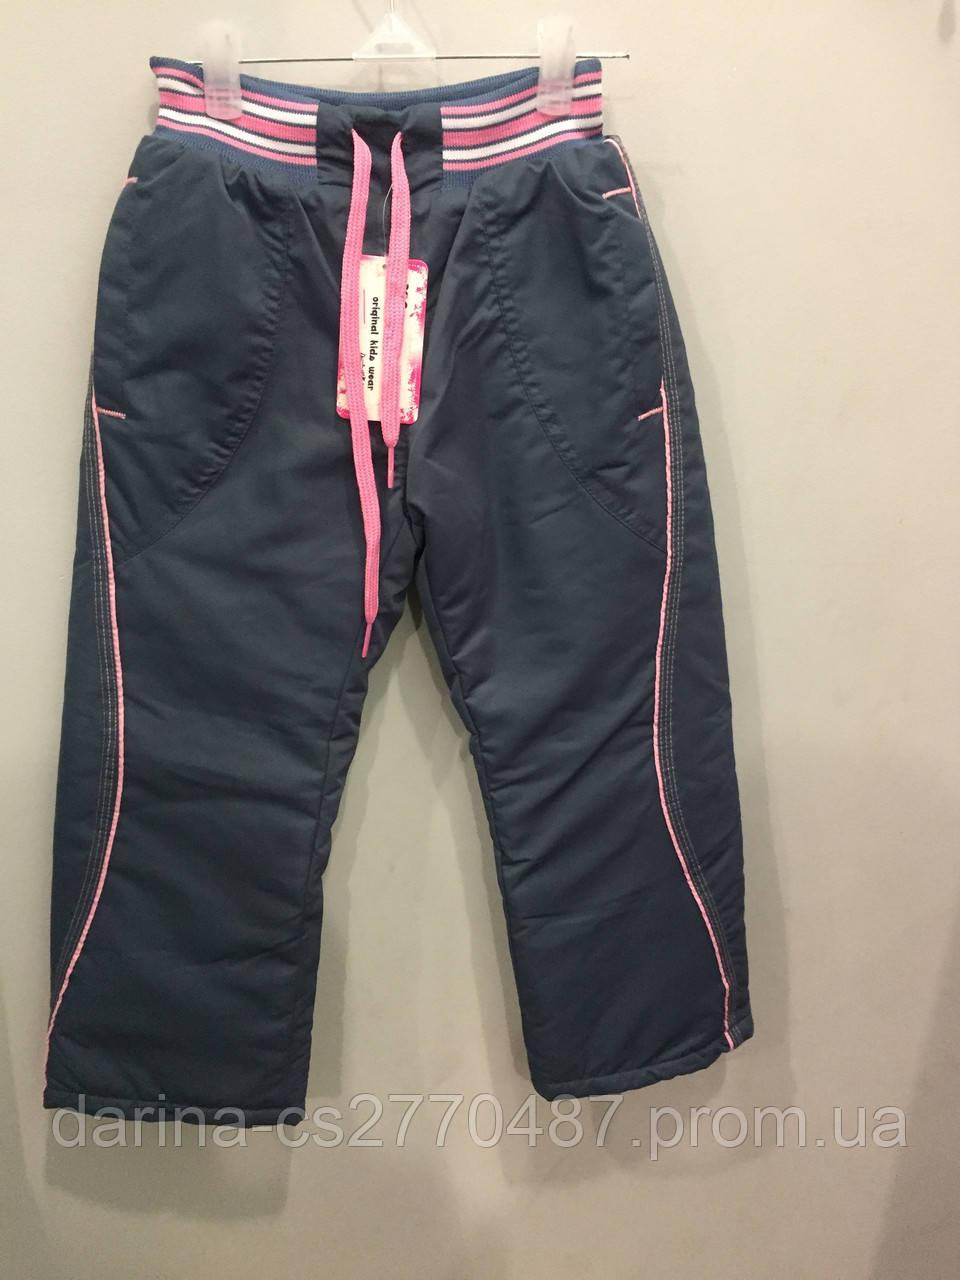 Теплые штаны для  104(4), 110(5)